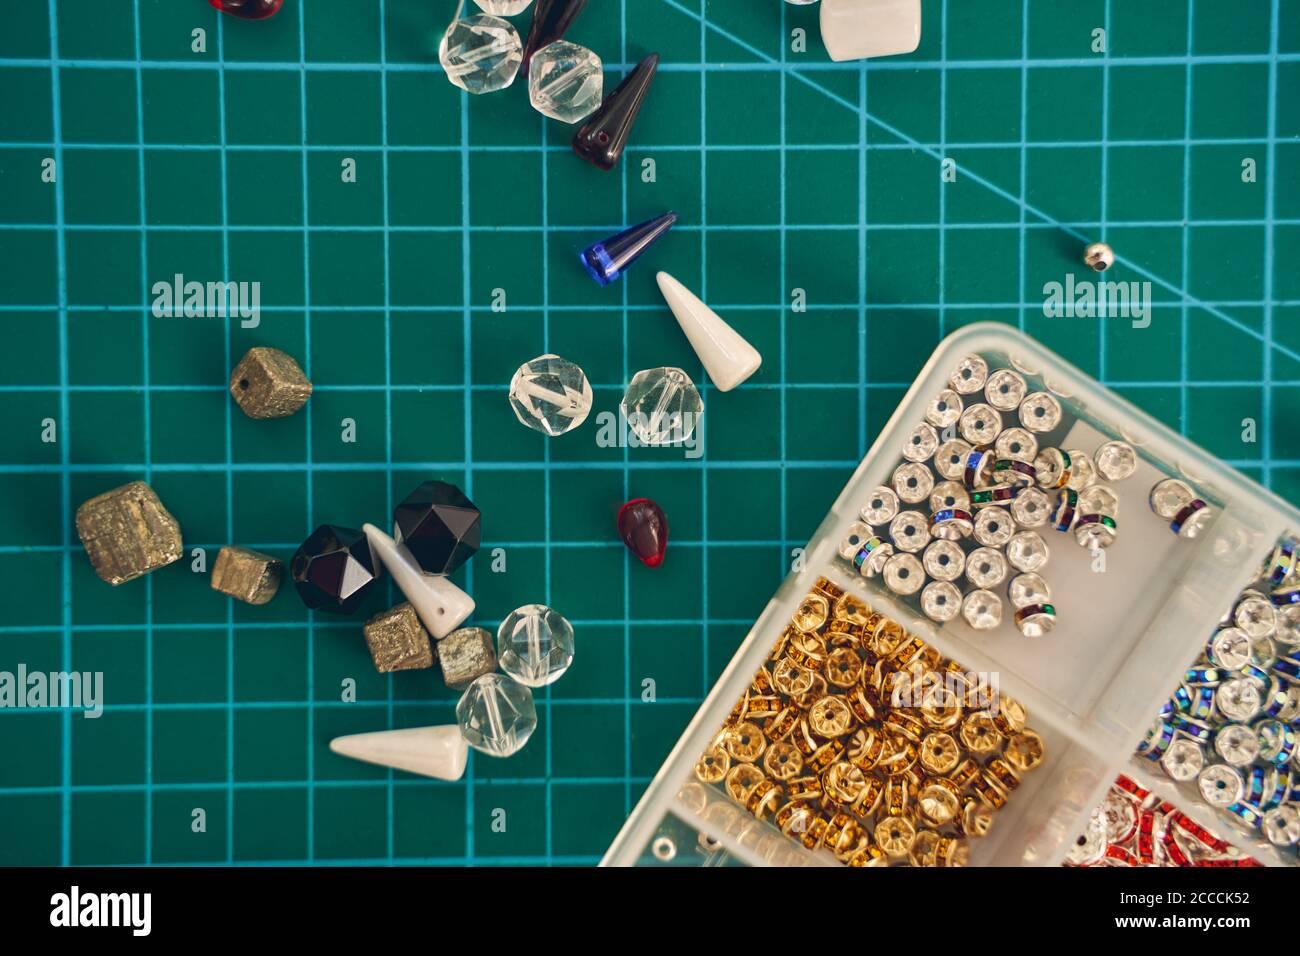 Cuentas de vidrio y semillas o de fieltro para la fabricación de joyas fondo verde Foto de stock